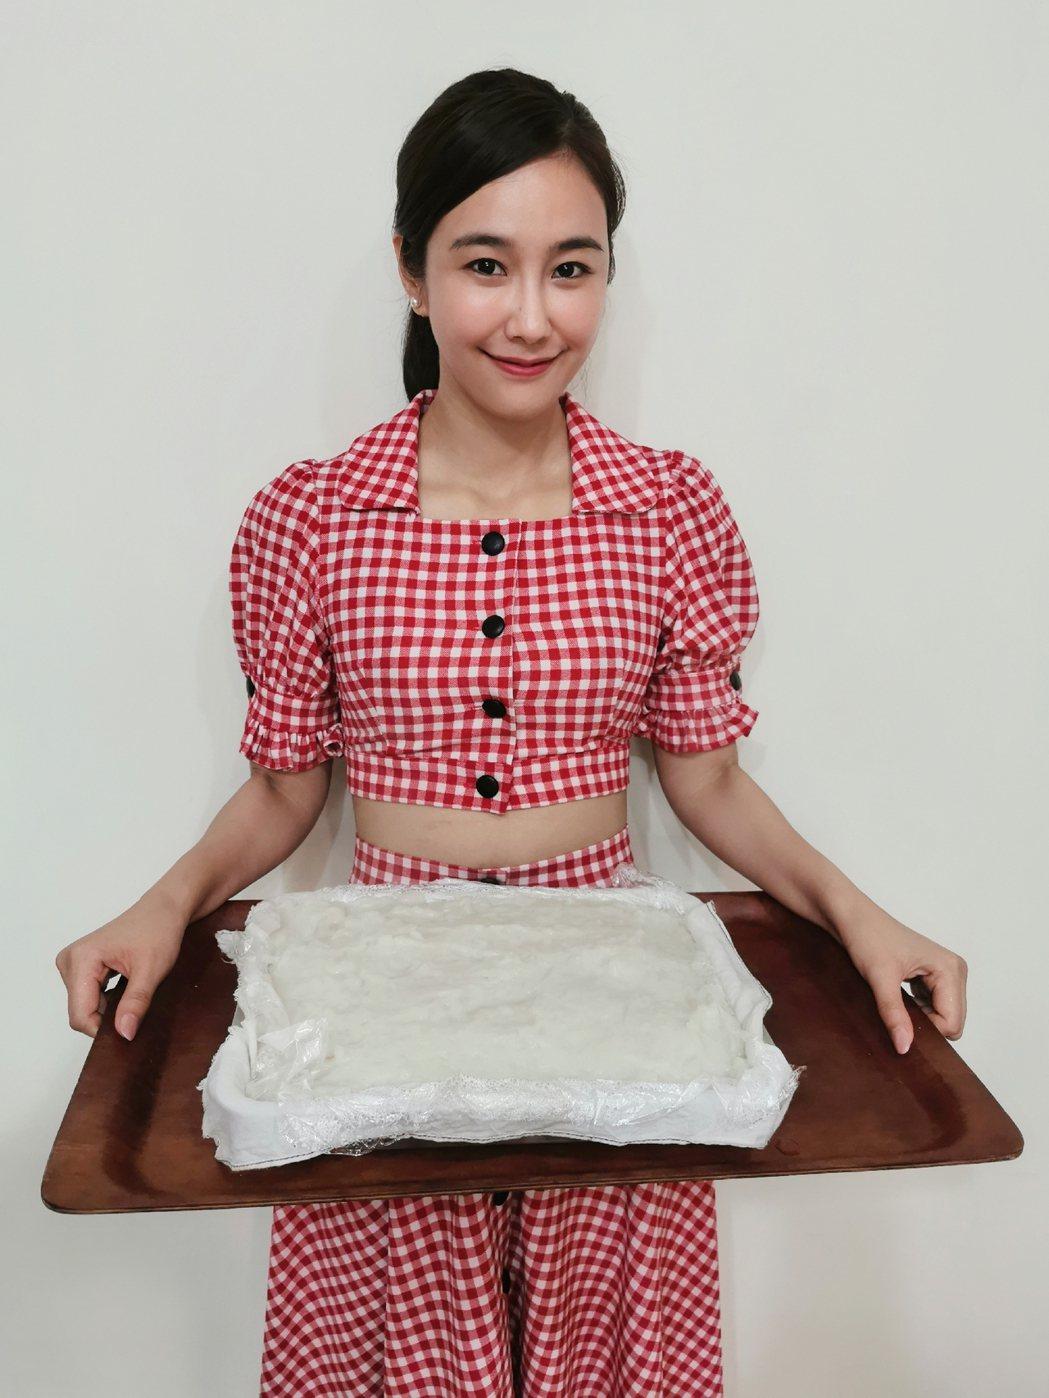 黃心娣第一次自己動手做蘿蔔糕。圖/周子娛樂提供